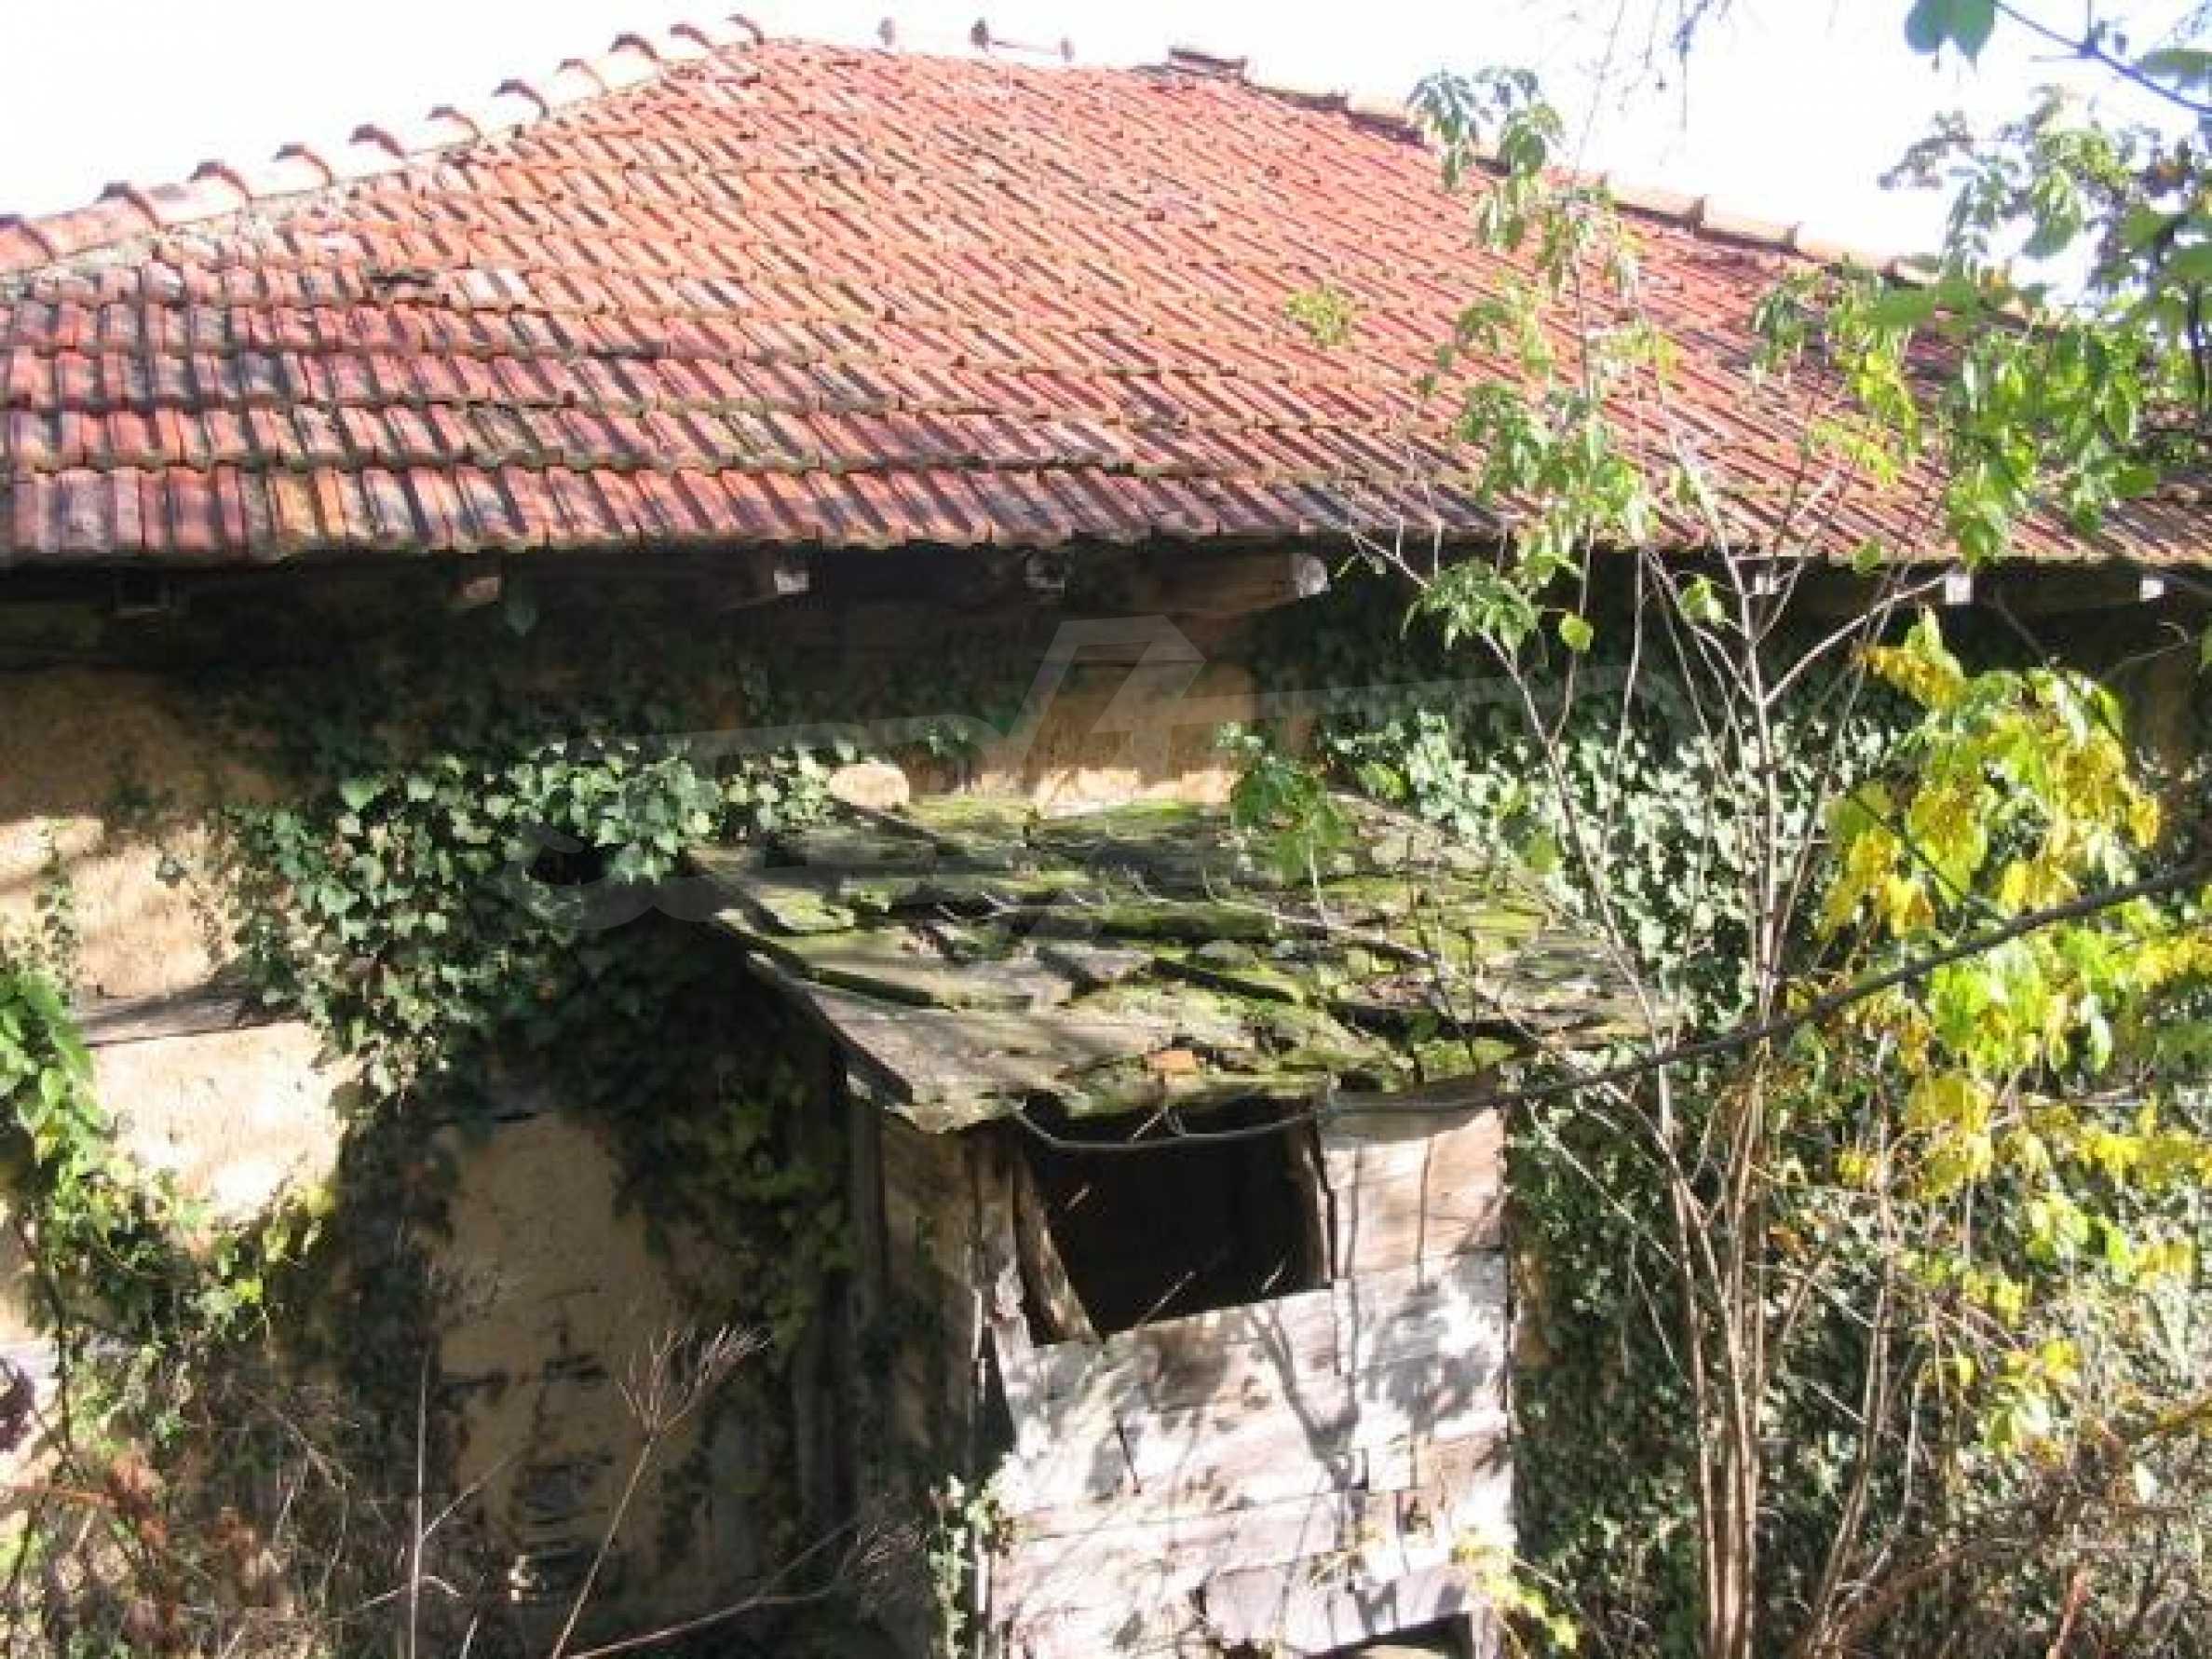 Селски имот в сърцето на Балкана  13